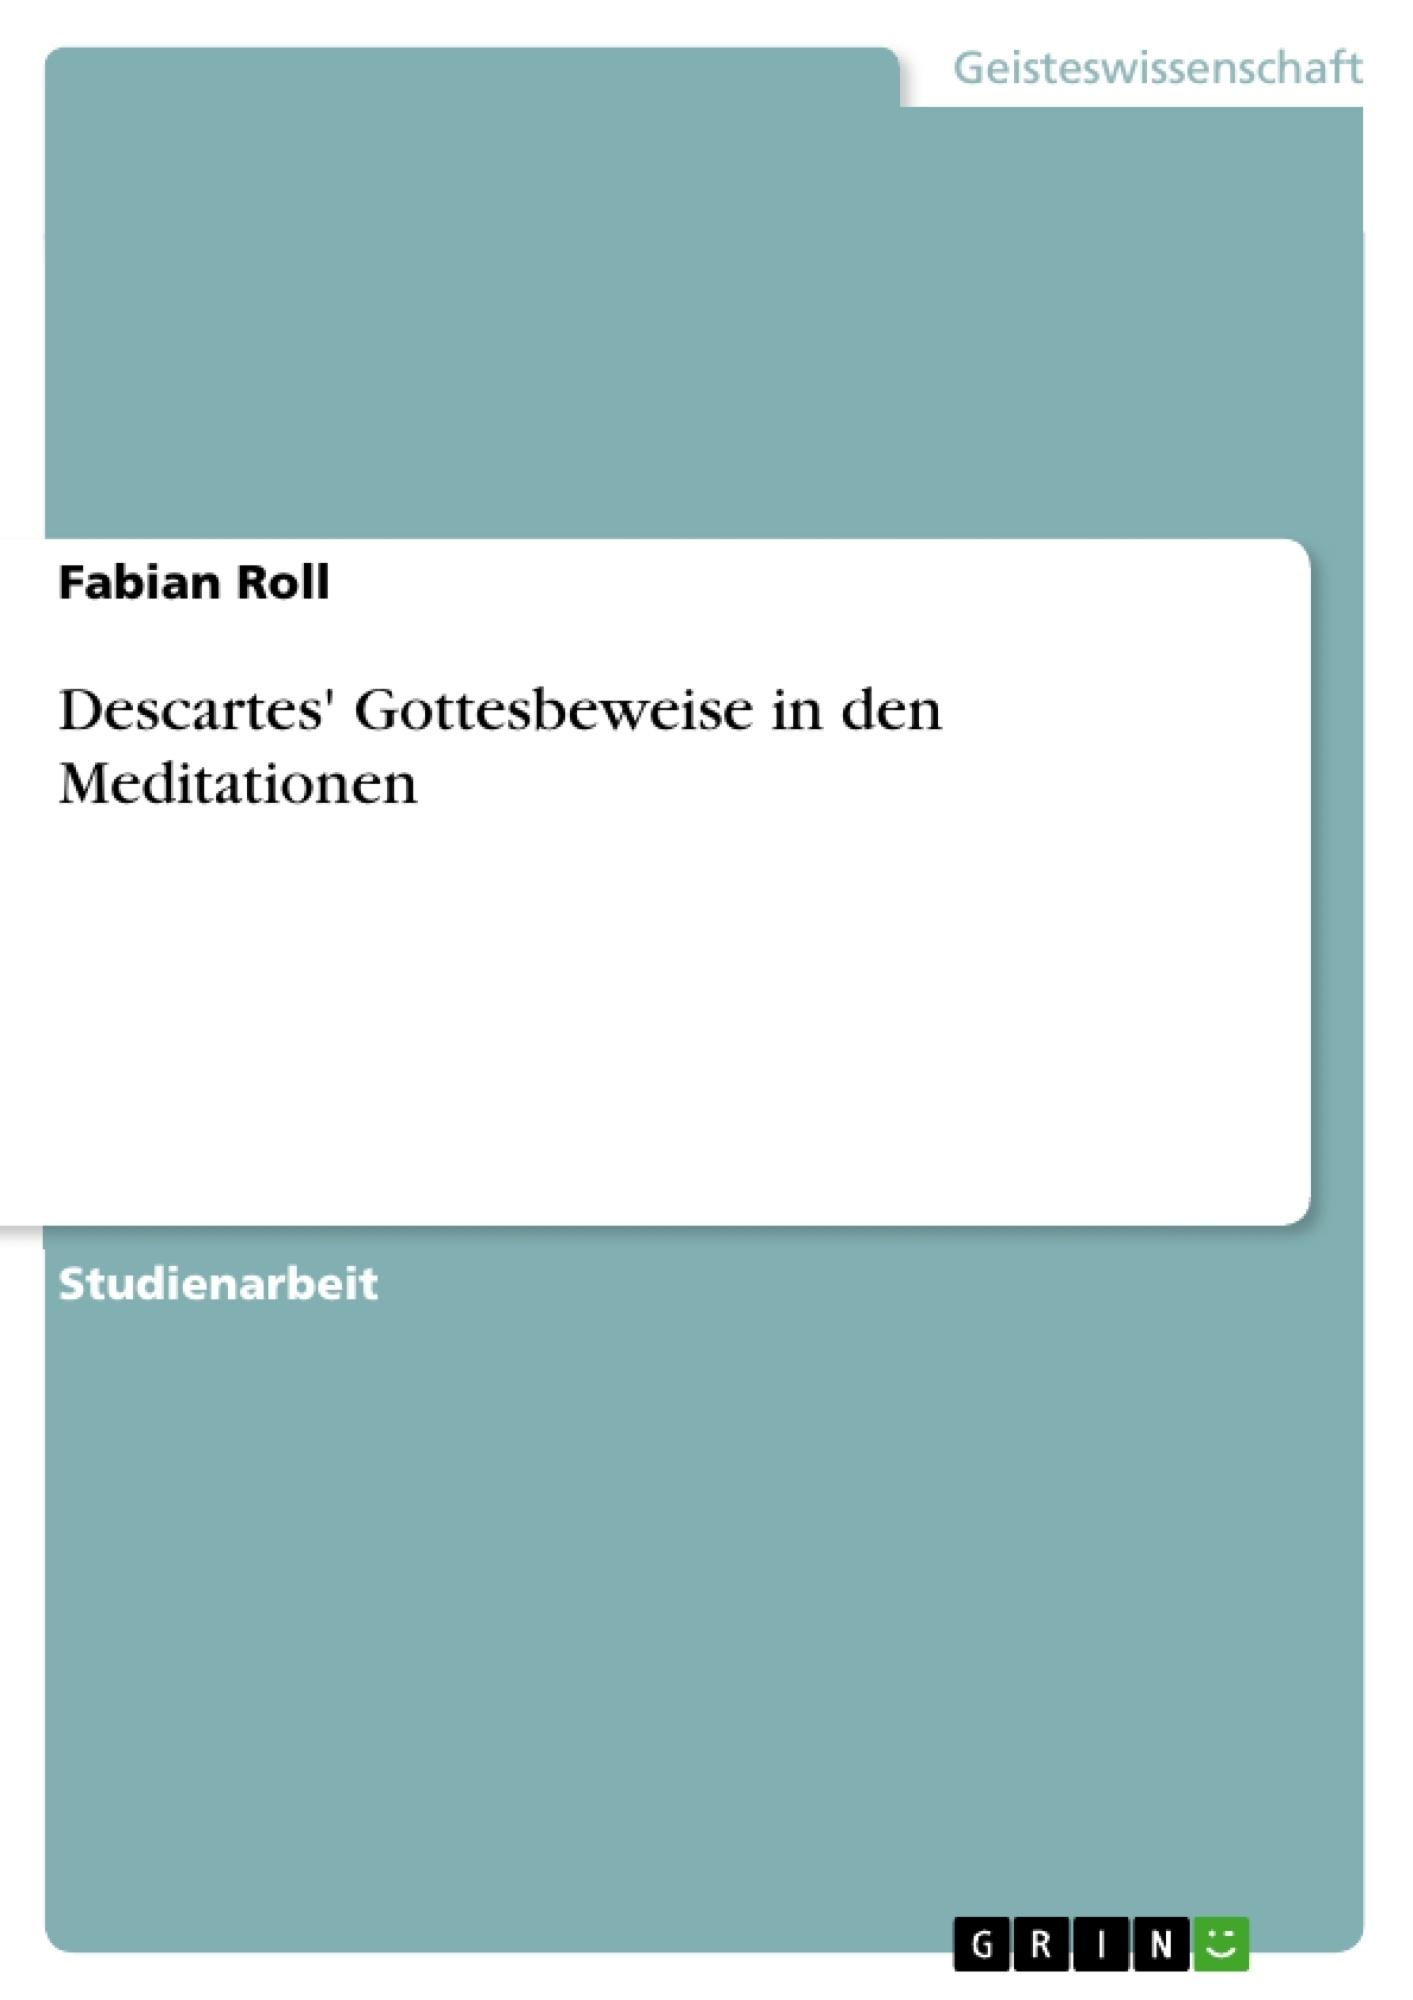 Titel: Descartes' Gottesbeweise in den Meditationen